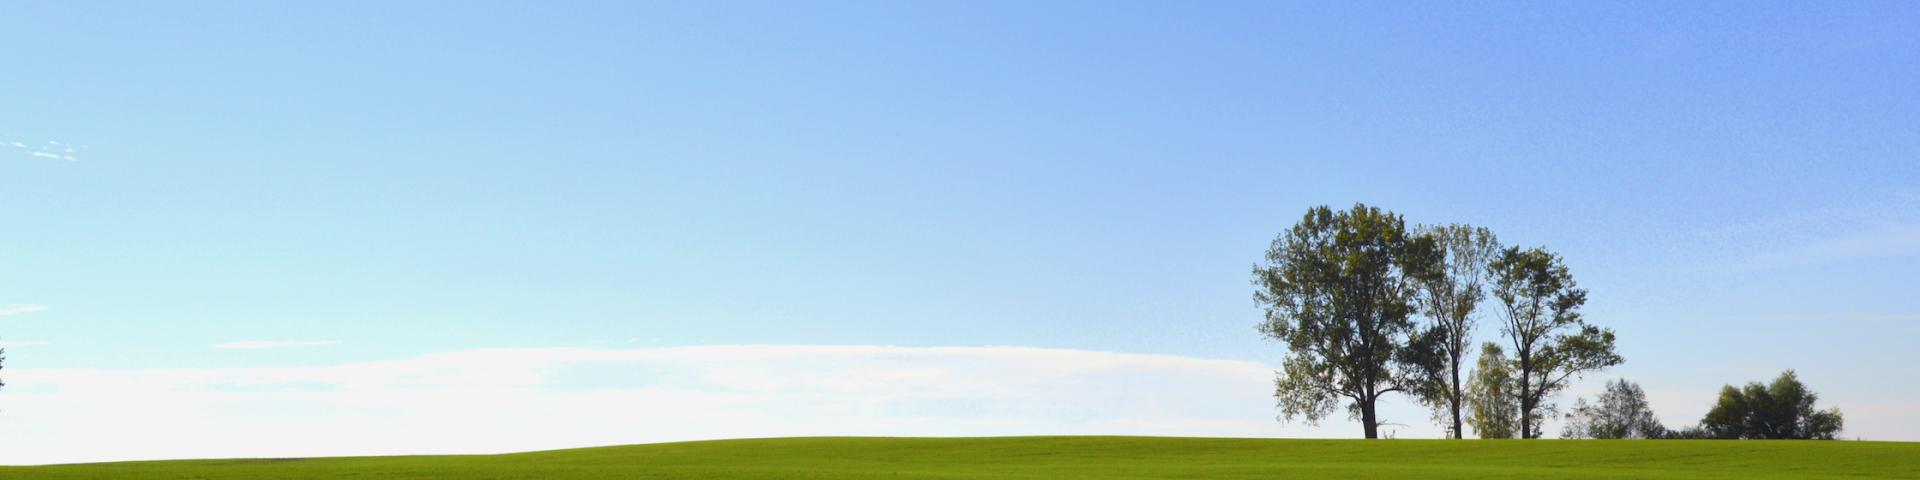 MINDFUL BWL freie Betriebswirte, systemisch, innovativ. substantiell. Erfolgsgeschichten, Businesscoach, wingwave® Methode, Referenzen, Führungskraft, Mittelstand, Unternehmer